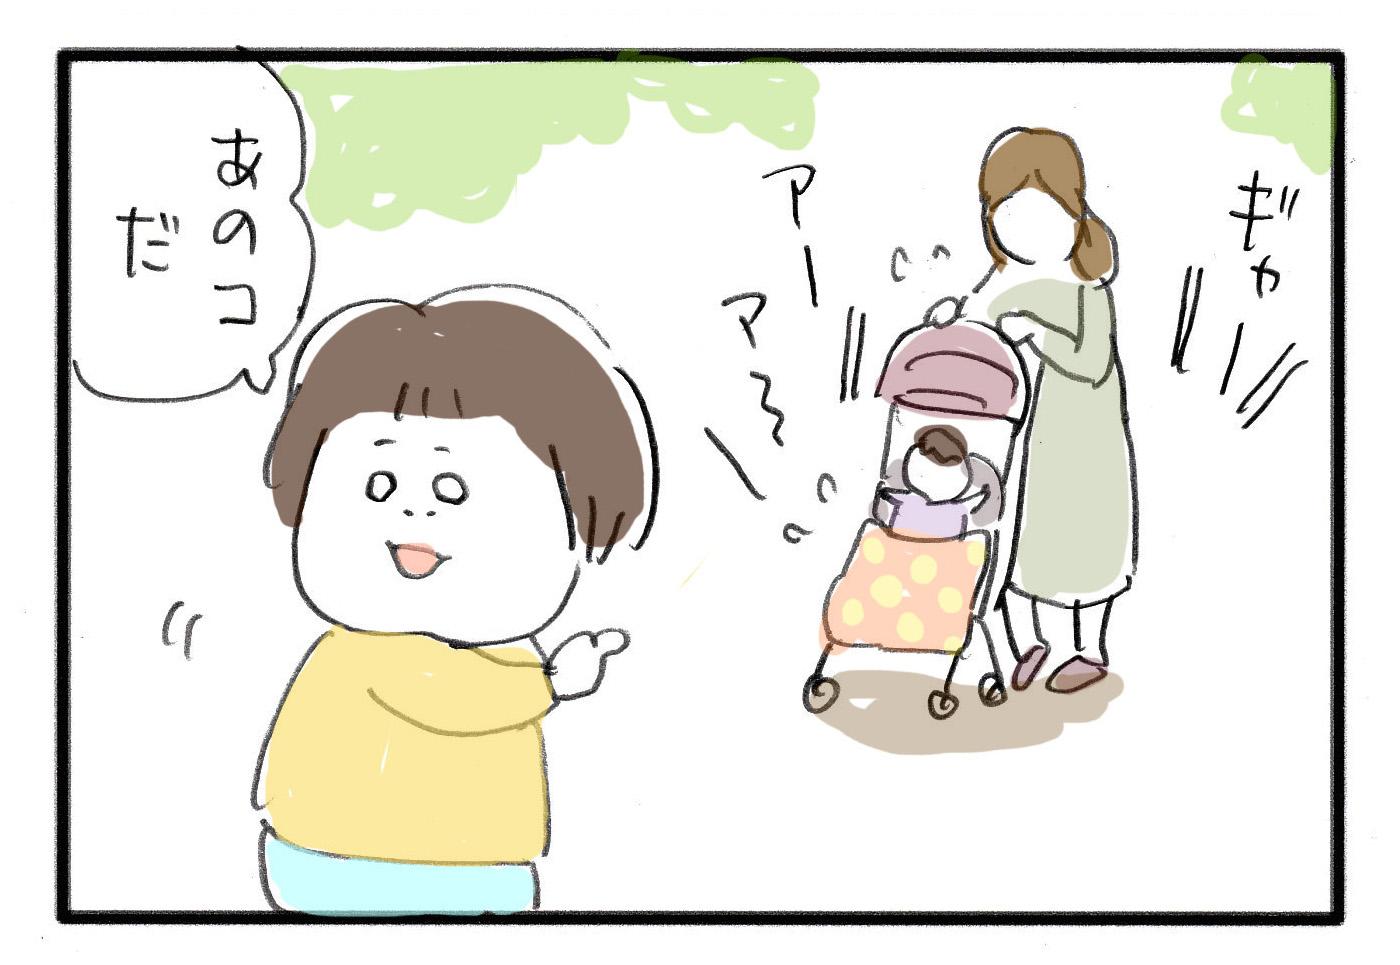 かわいいなぁ。公園で泣く赤ちゃんへの姉たちの眼差しが子育て経験者(笑) ロイ子の3姉妹日記